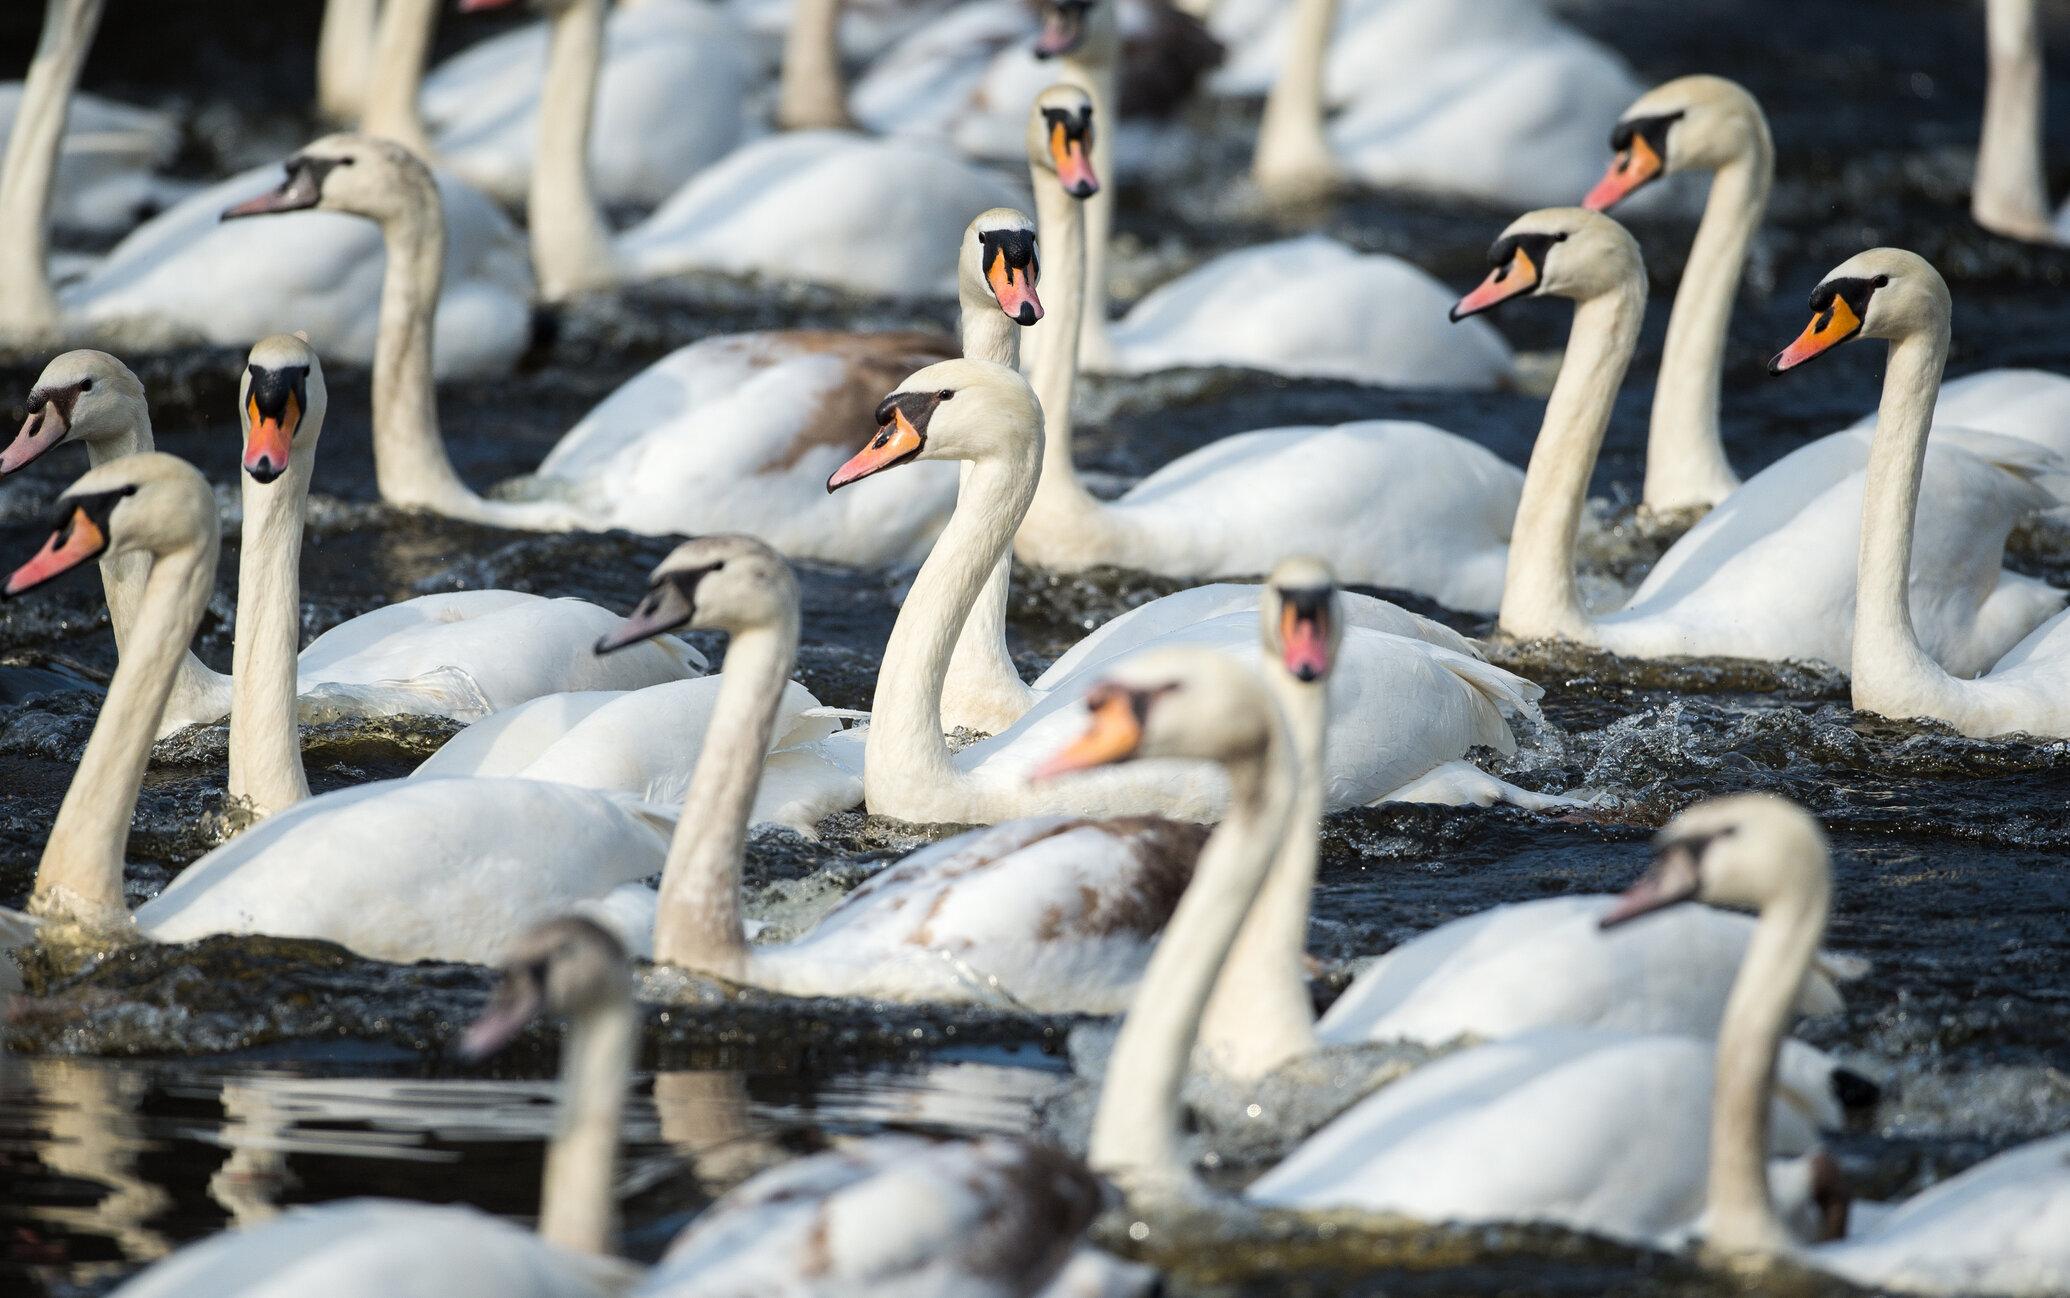 Autoritățile belgiene izolează lebedele din Bruges, de teama epidemiei de gripă aviară